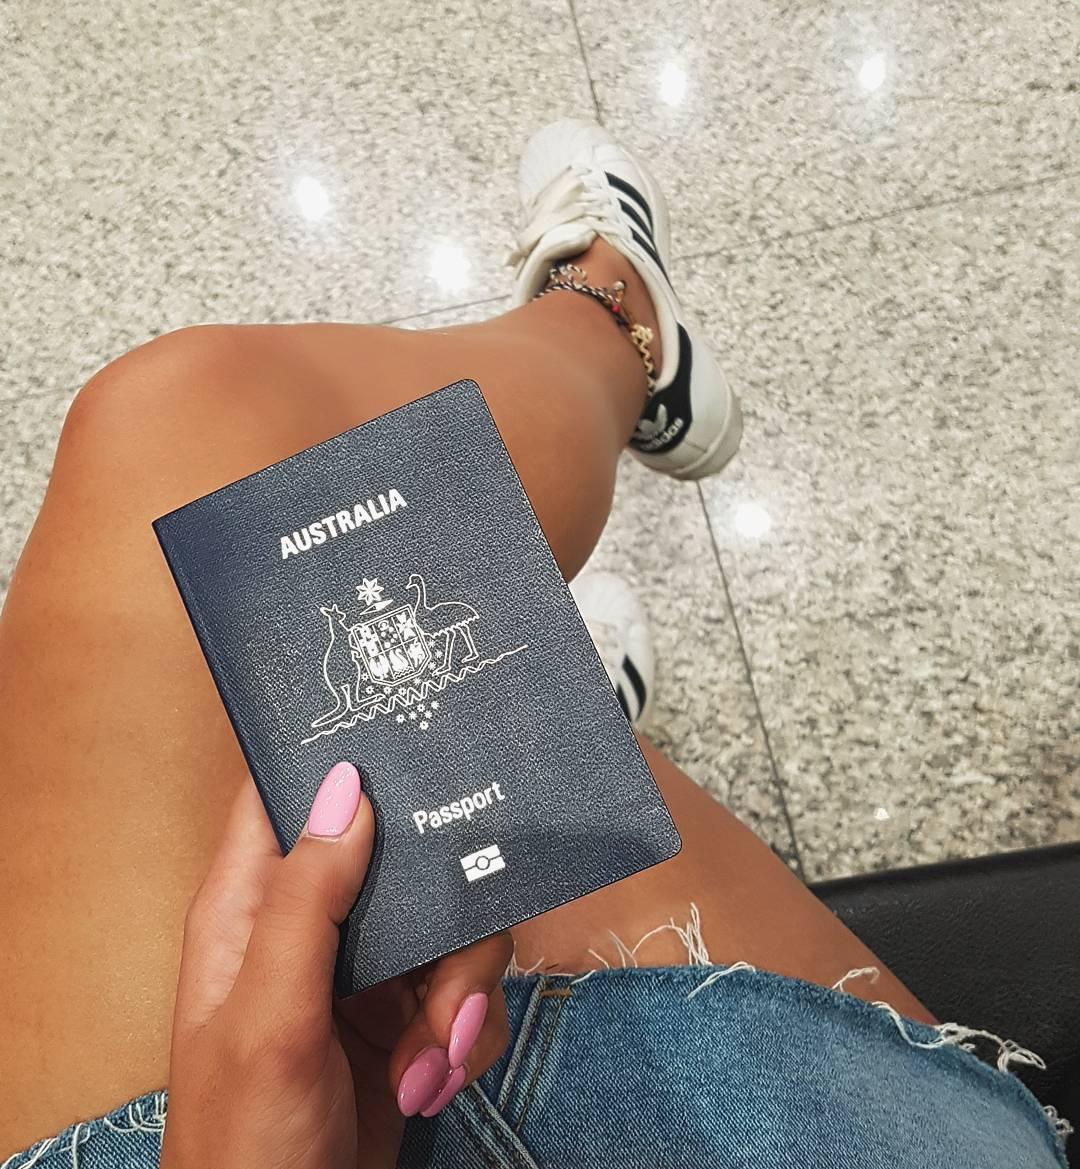 Dicas de viagem para não passar apuros- Envie por e-mail uma varredura do seu passaporte